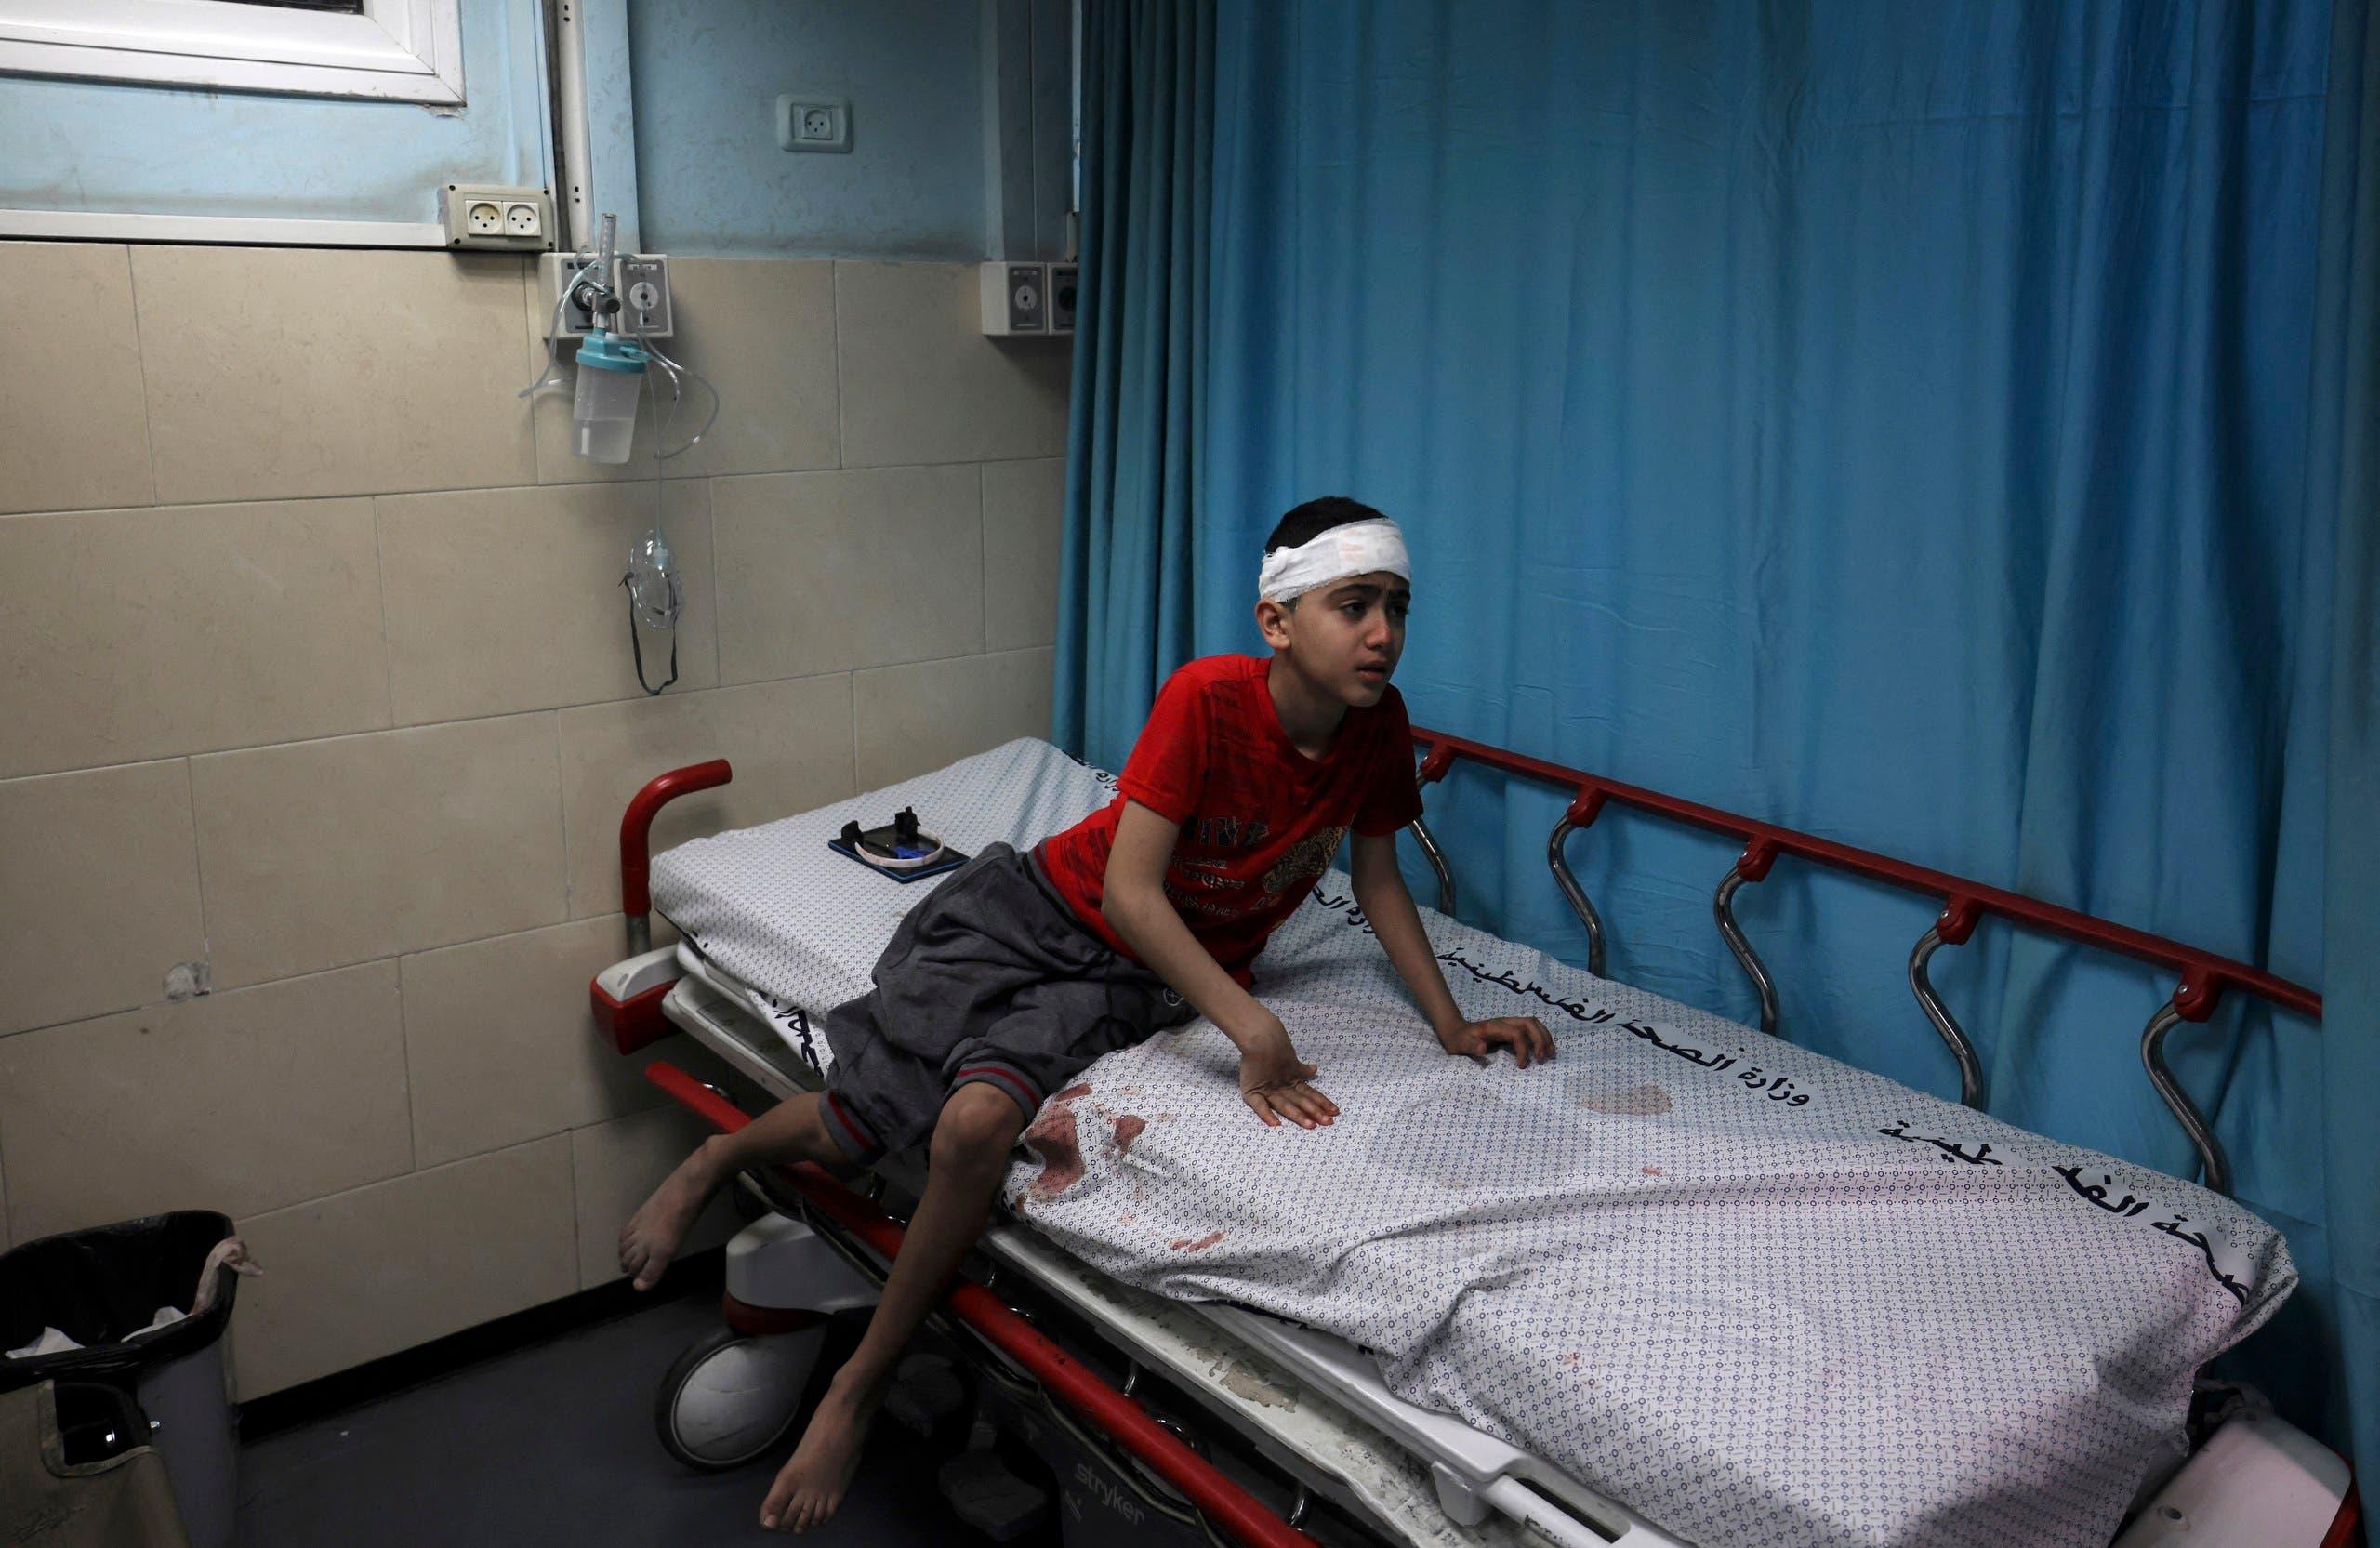 طفل أصيب بالقصف يتعالج في مستشفى الشفاء في غزة